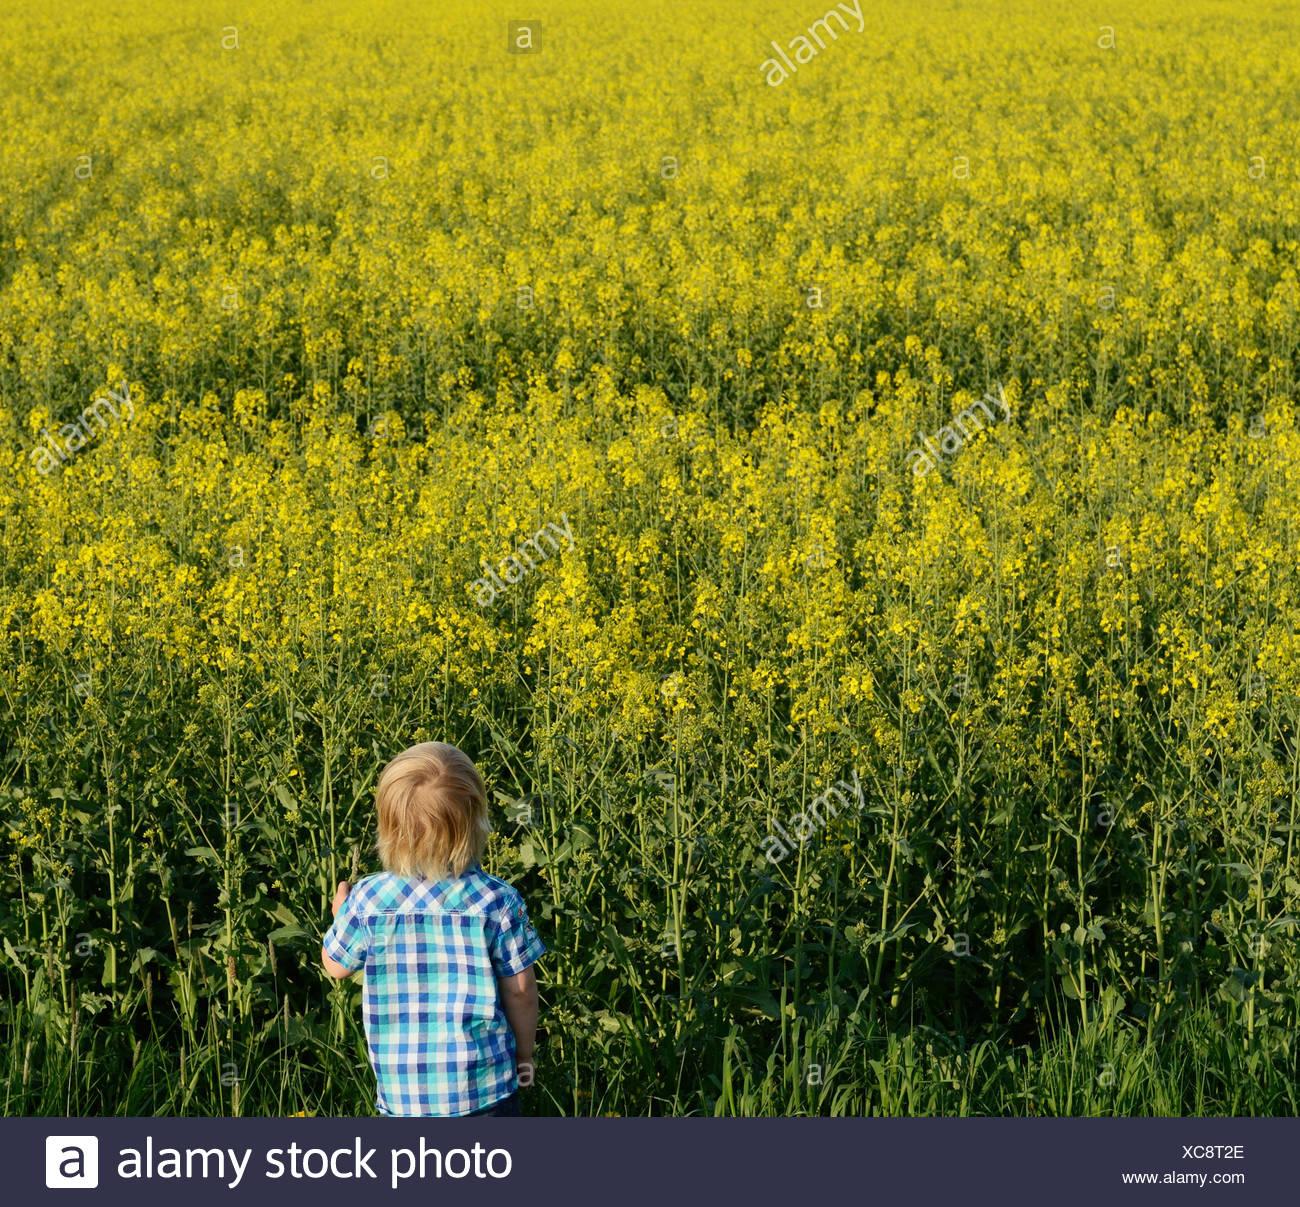 Garçon à la recherche sur le terrain, high angle view Photo Stock